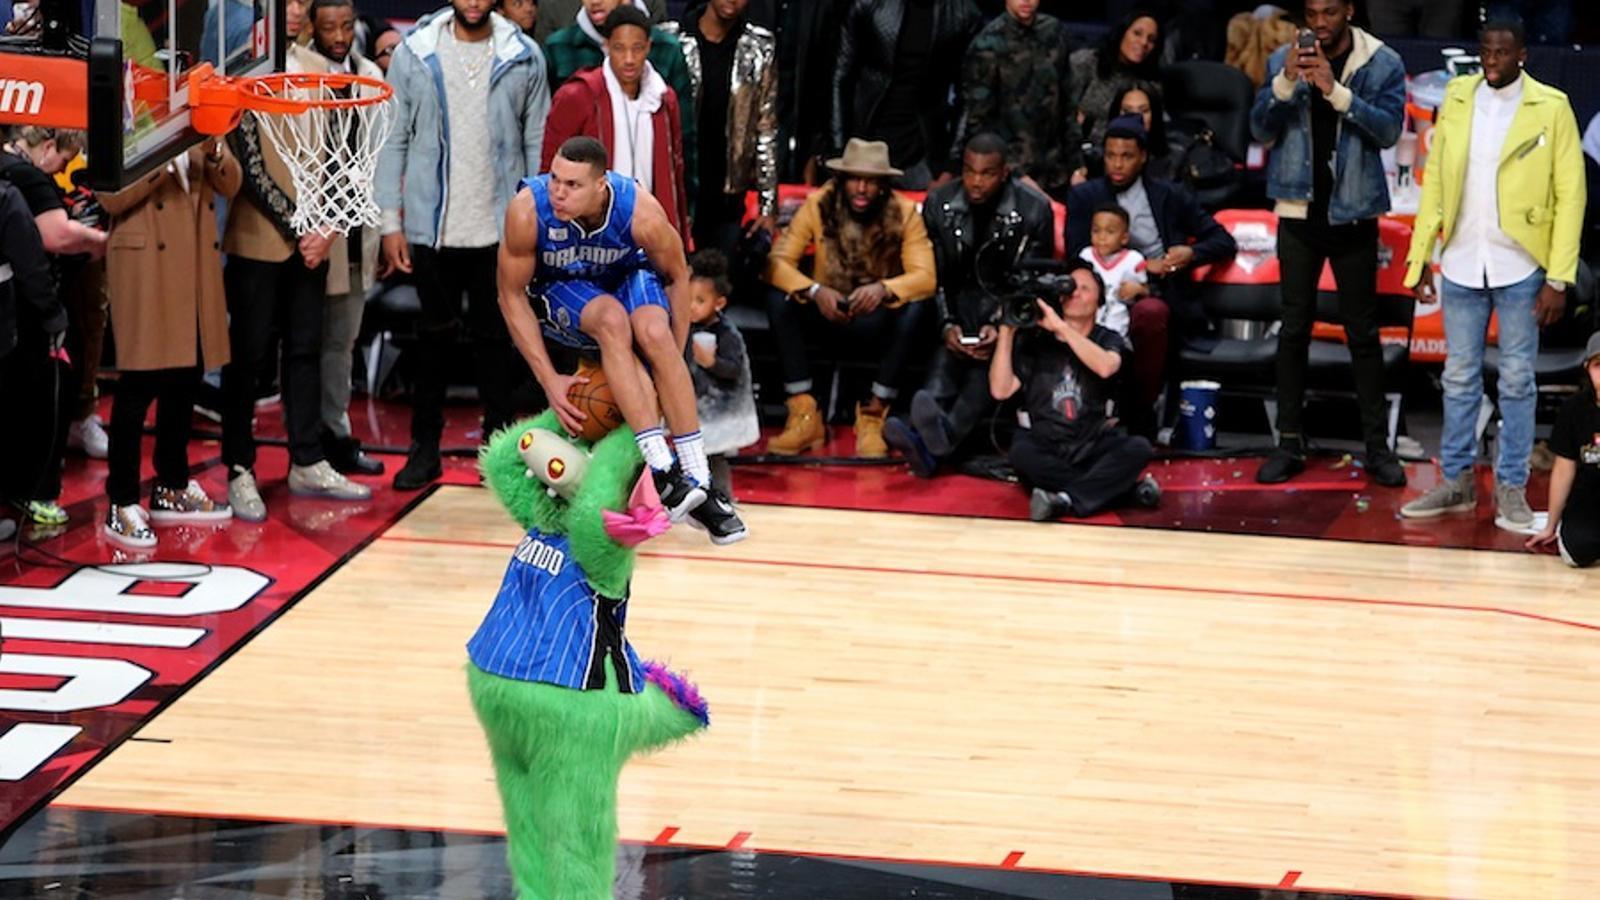 Concurs d'esmaixades de la NBA